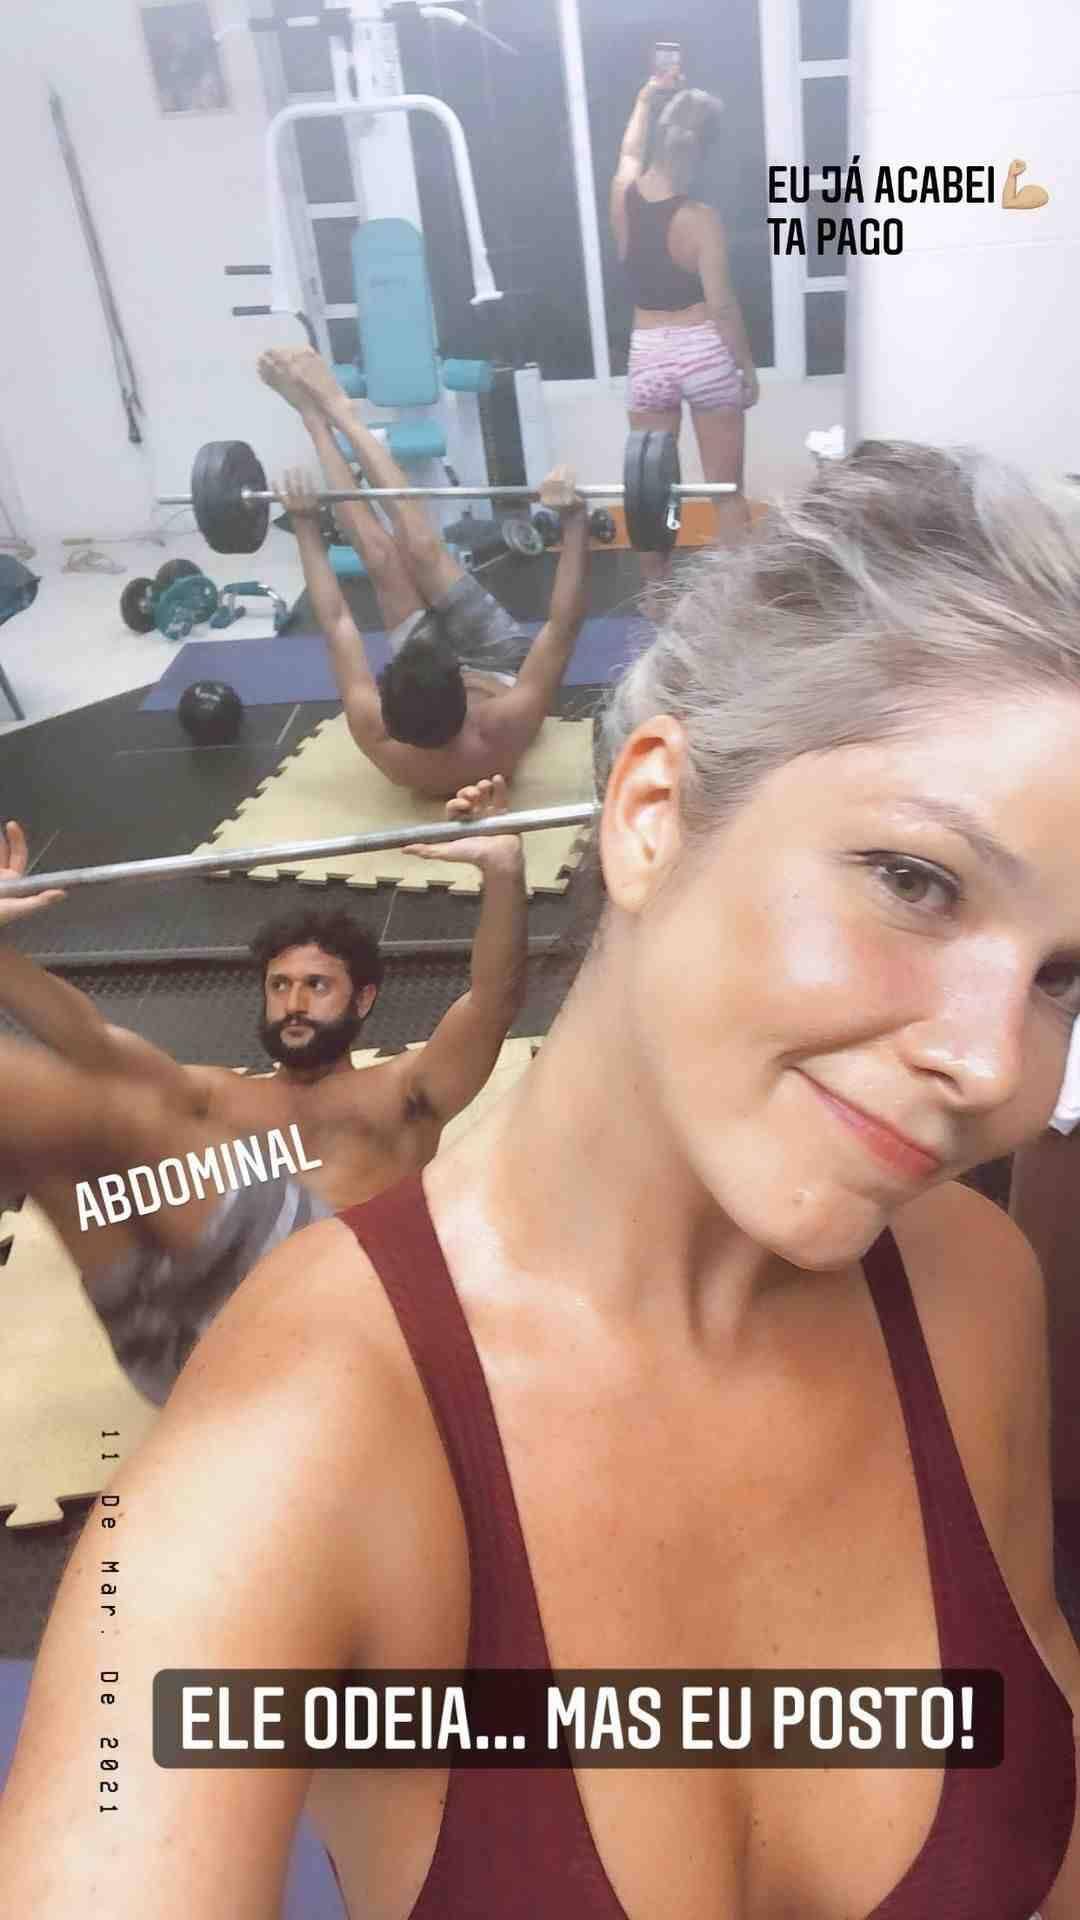 Samara Felippo posa em clique durante treino com o namorado: 'tá pago' (Foto: Reprodução/Instagram)